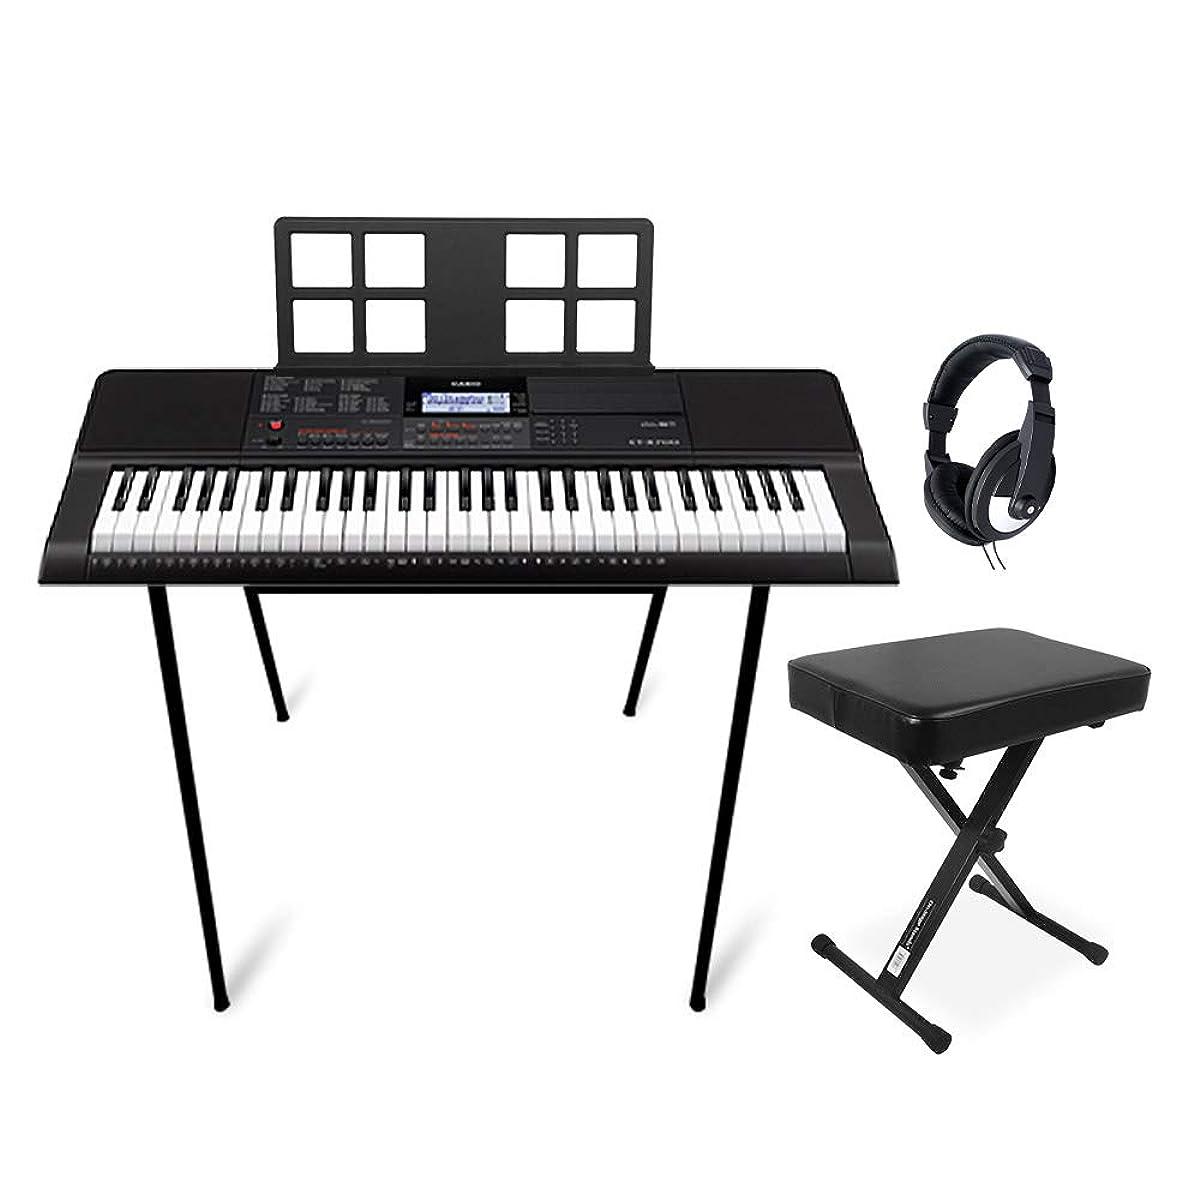 [해외] CASIO CT-X700 스탠드의자헤드폰 세트 포터블 키보드 【61열쇠】 카시오